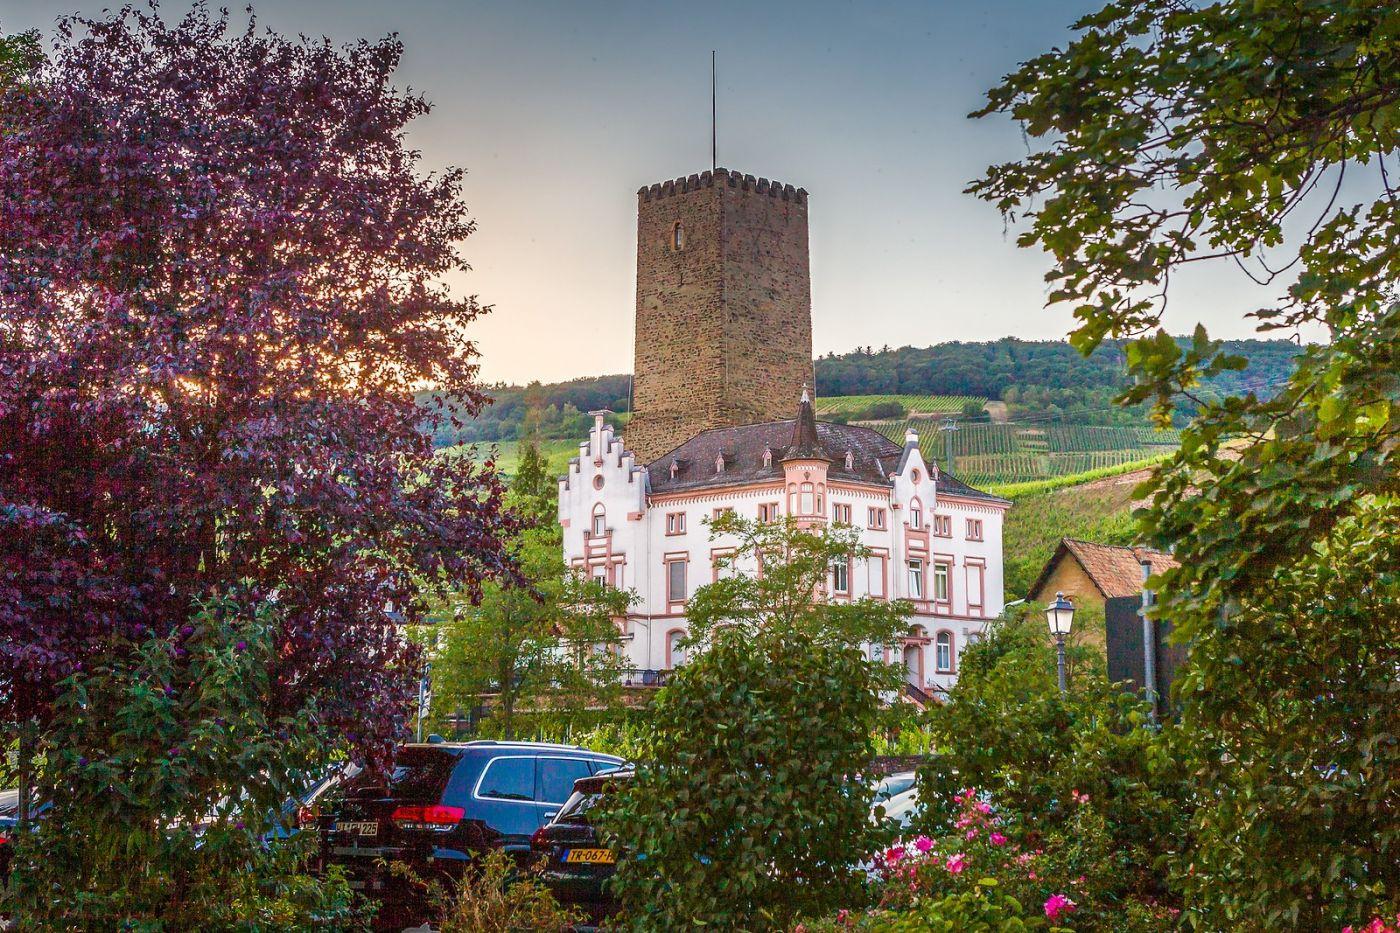 德国吕德斯海姆(Rudesheim),莱茵河畔的小镇_图1-10